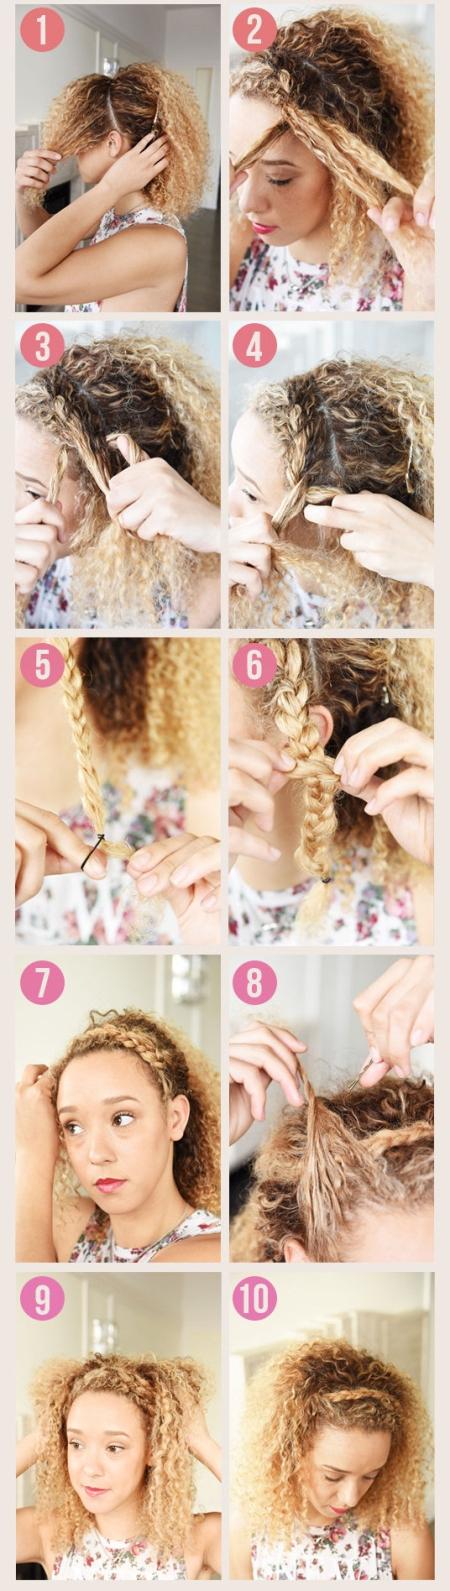 Обруч из волос: фото